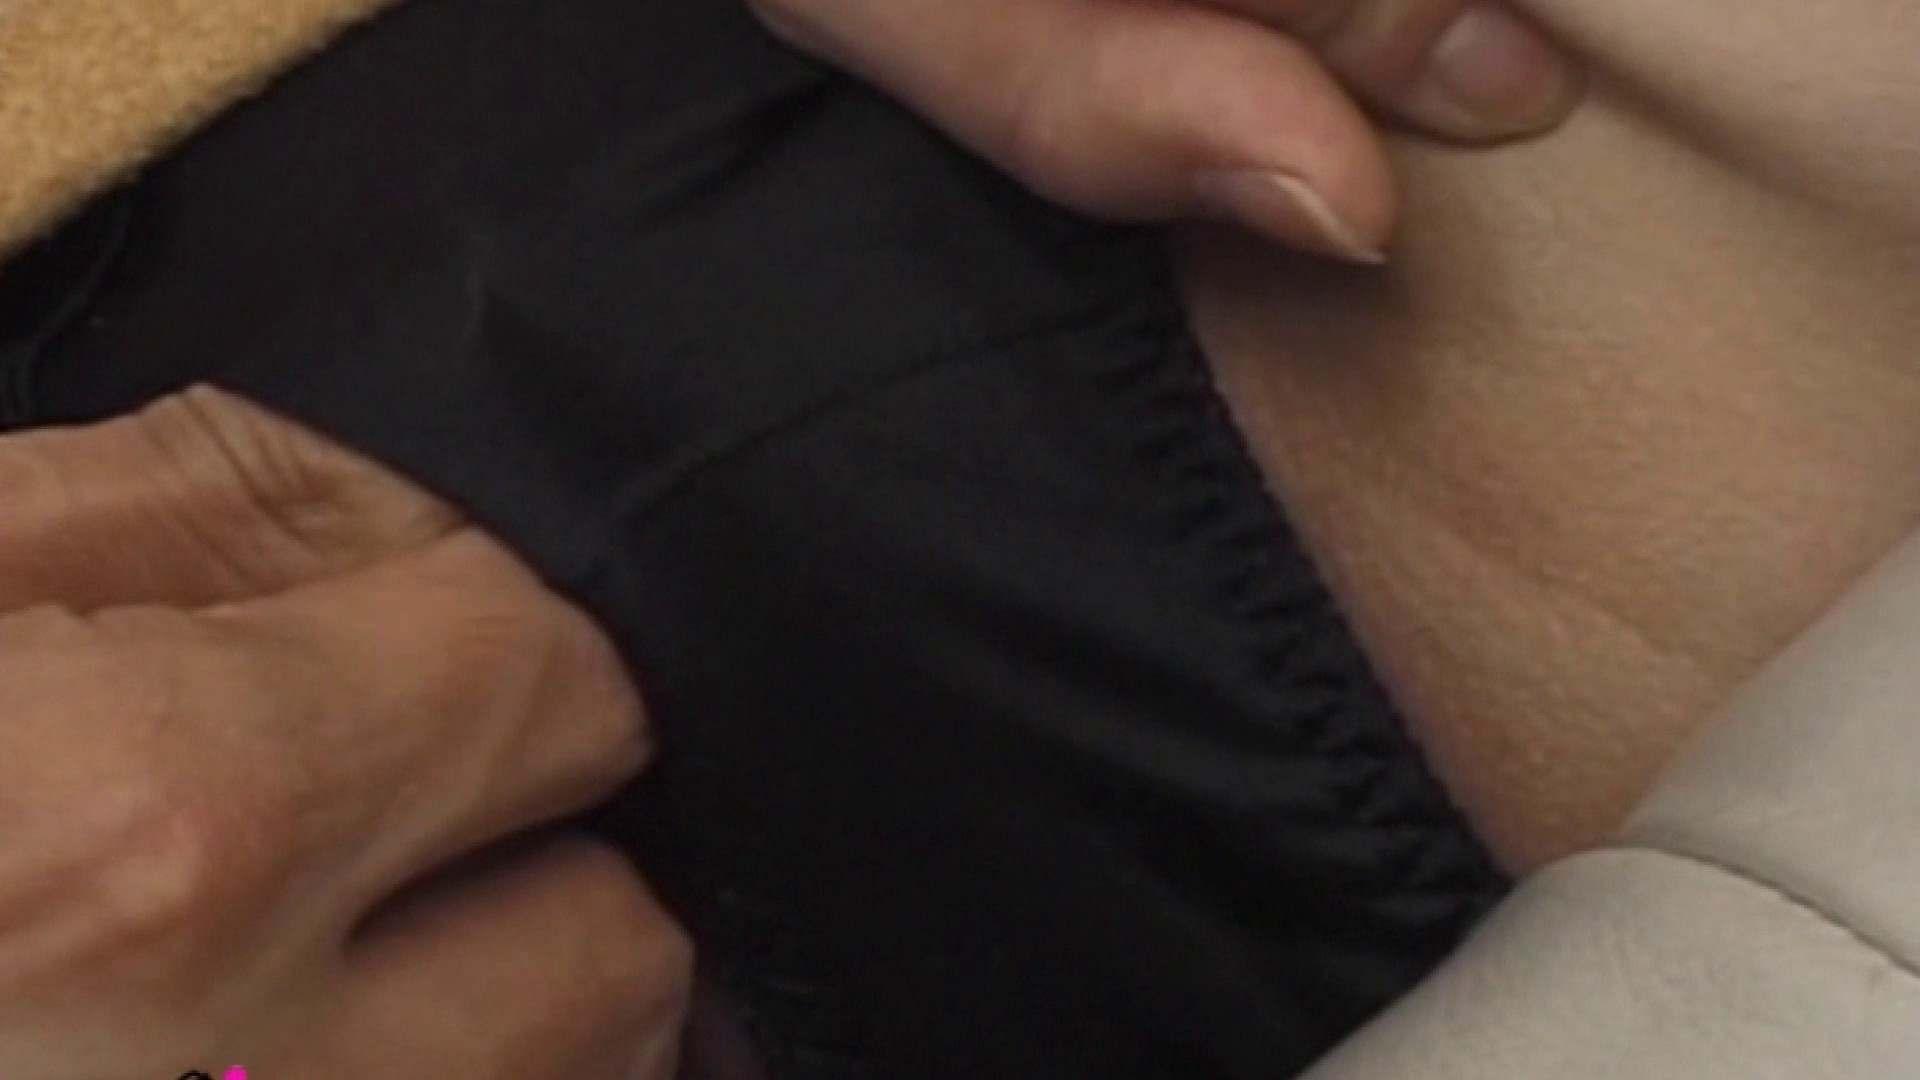 おしえてギャル子のH塾 Vol.42前編 小悪魔ギャル すけべAV動画紹介 111枚 58